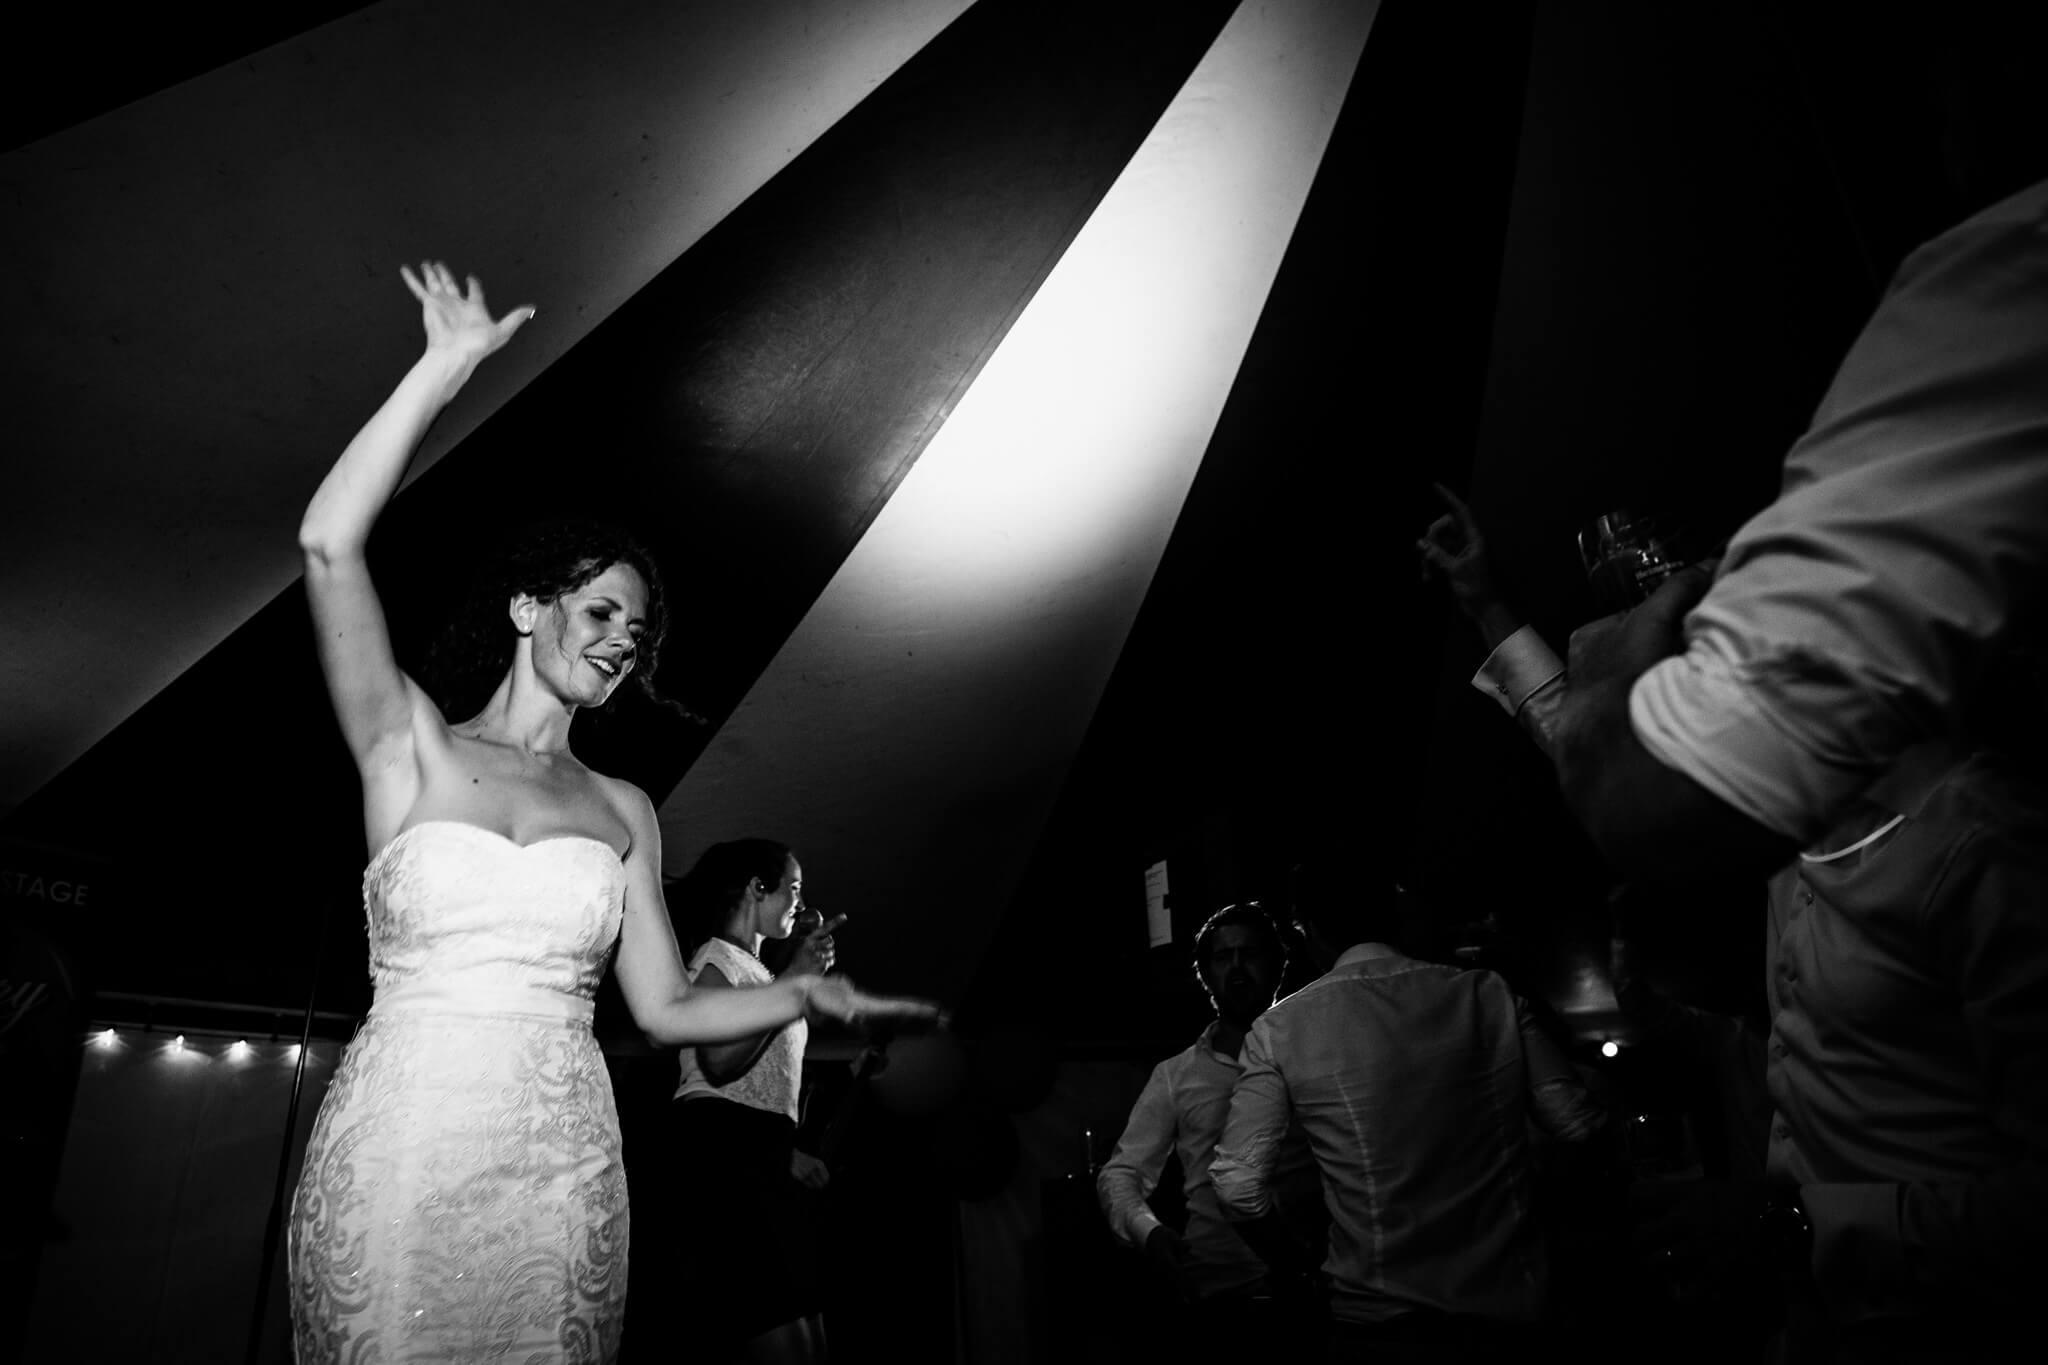 festivalbruiloft-bruidsfotograaf-utrecht-39.jpg